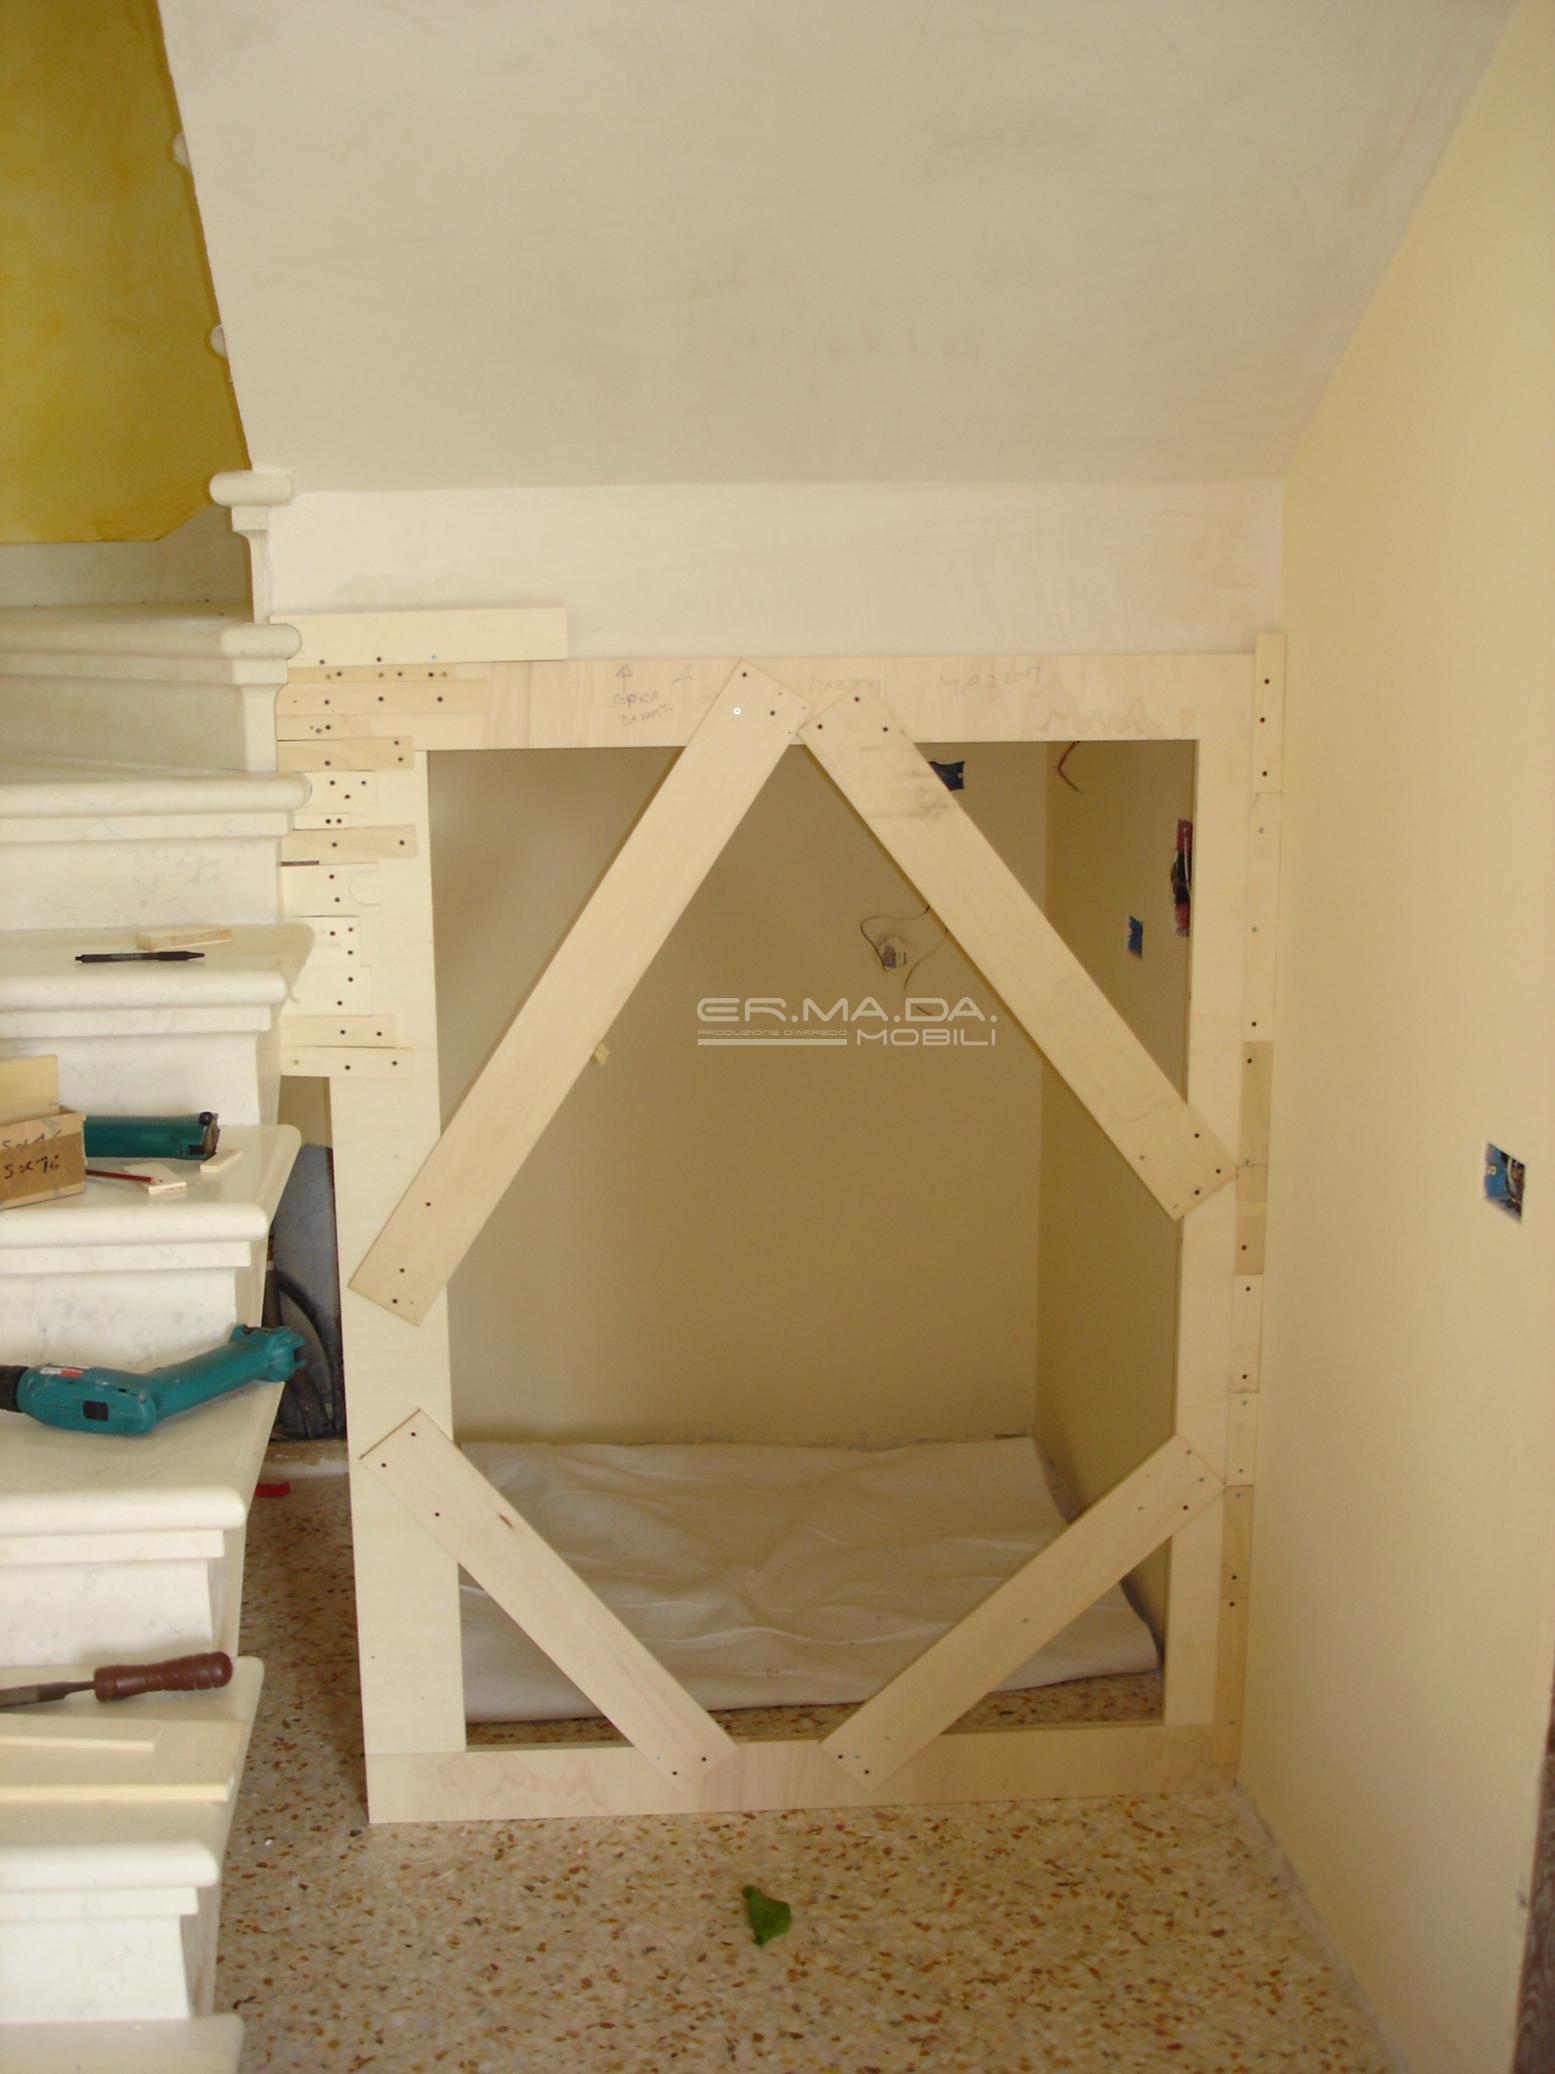 Sottoscala er ma da mobilificio progetta e for Progetta i tuoi piani di costruzione